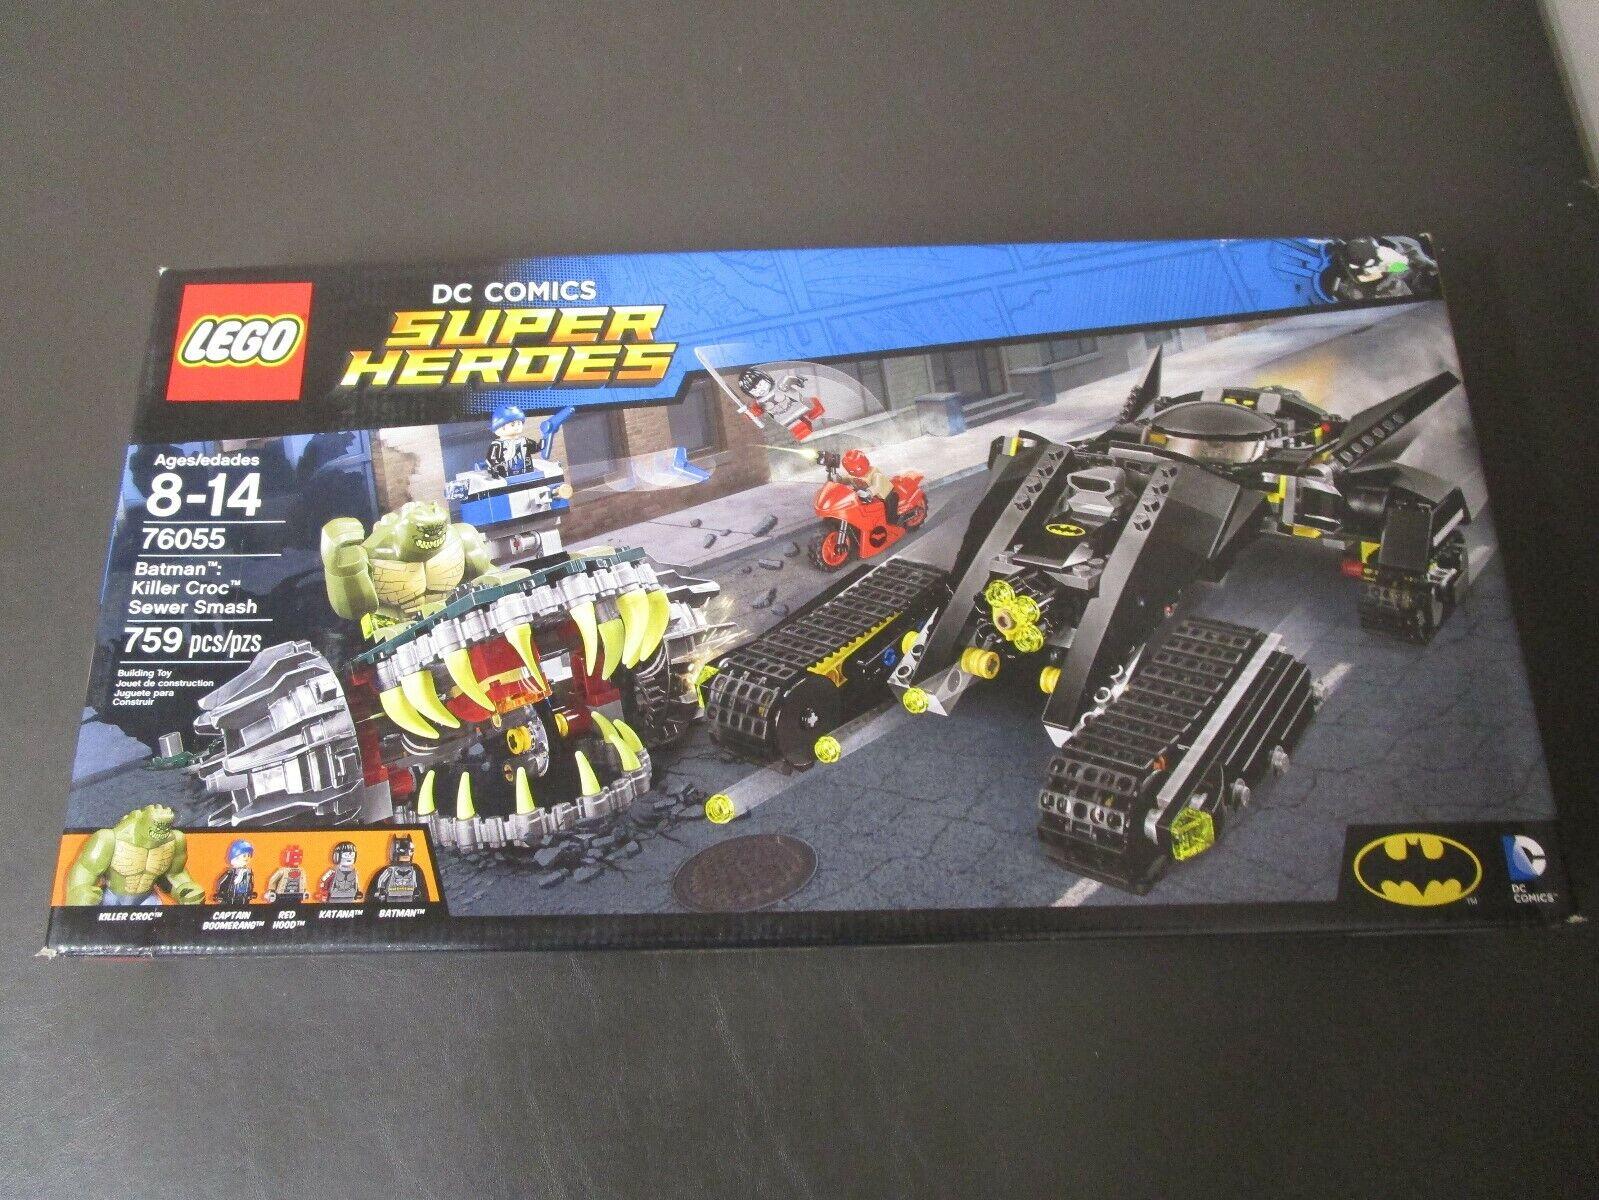 Batman Killer Croc alcantarillado Smash 76055 Lego súper Heroes 759 Piezas Nuevo Sellado